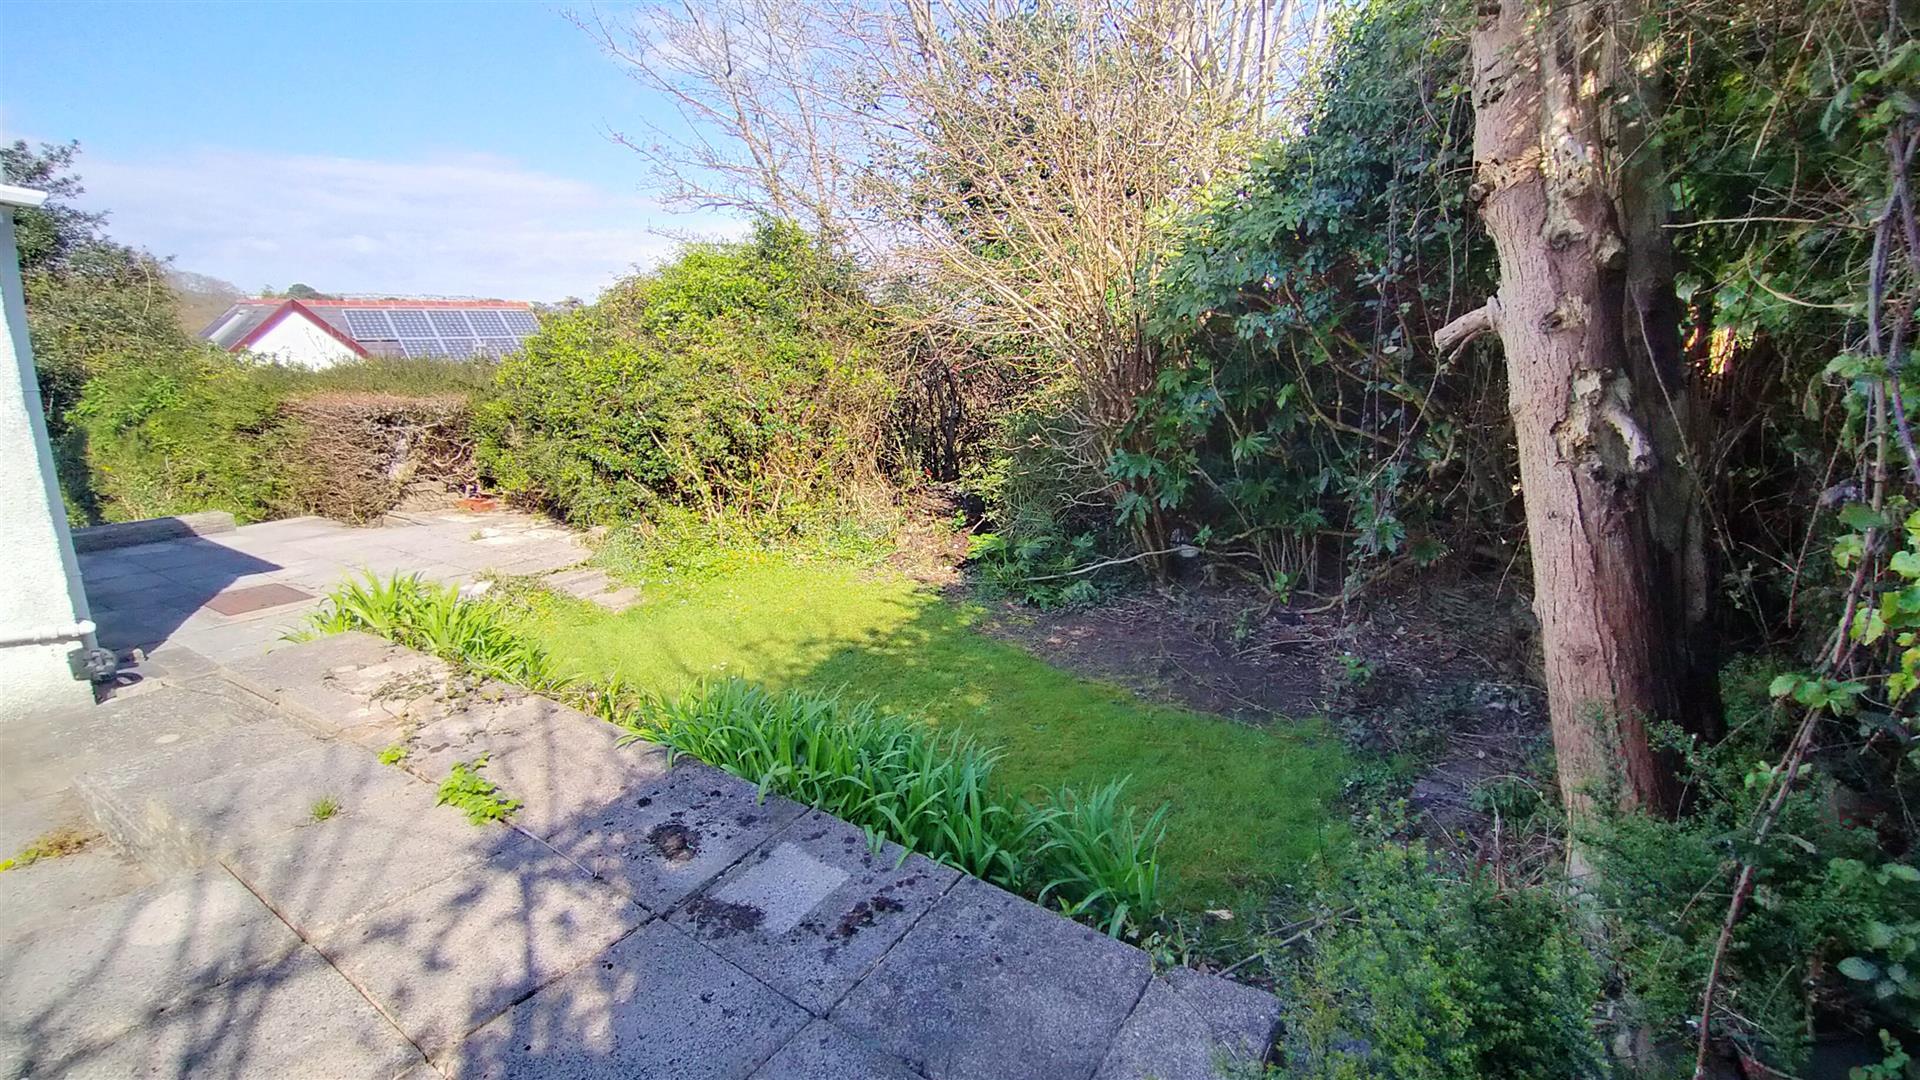 Long Acre Gardens, Mayals, Swansea, SA3 5JS